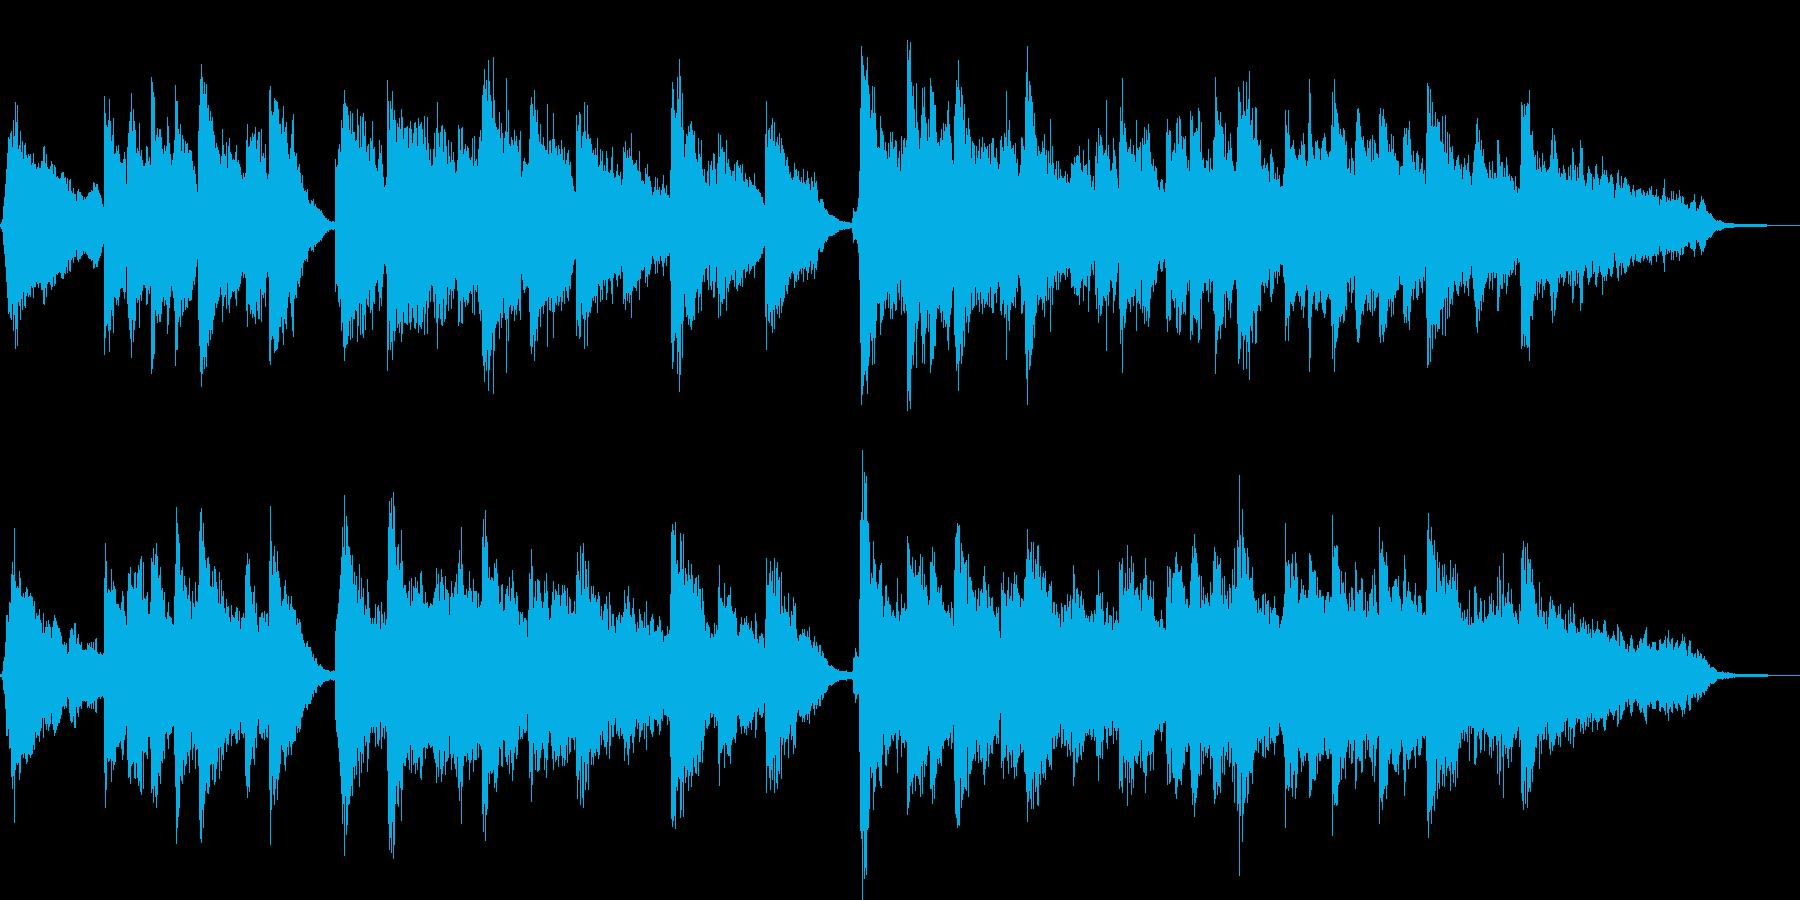 フルートとピアノのほのぼのBGMの再生済みの波形